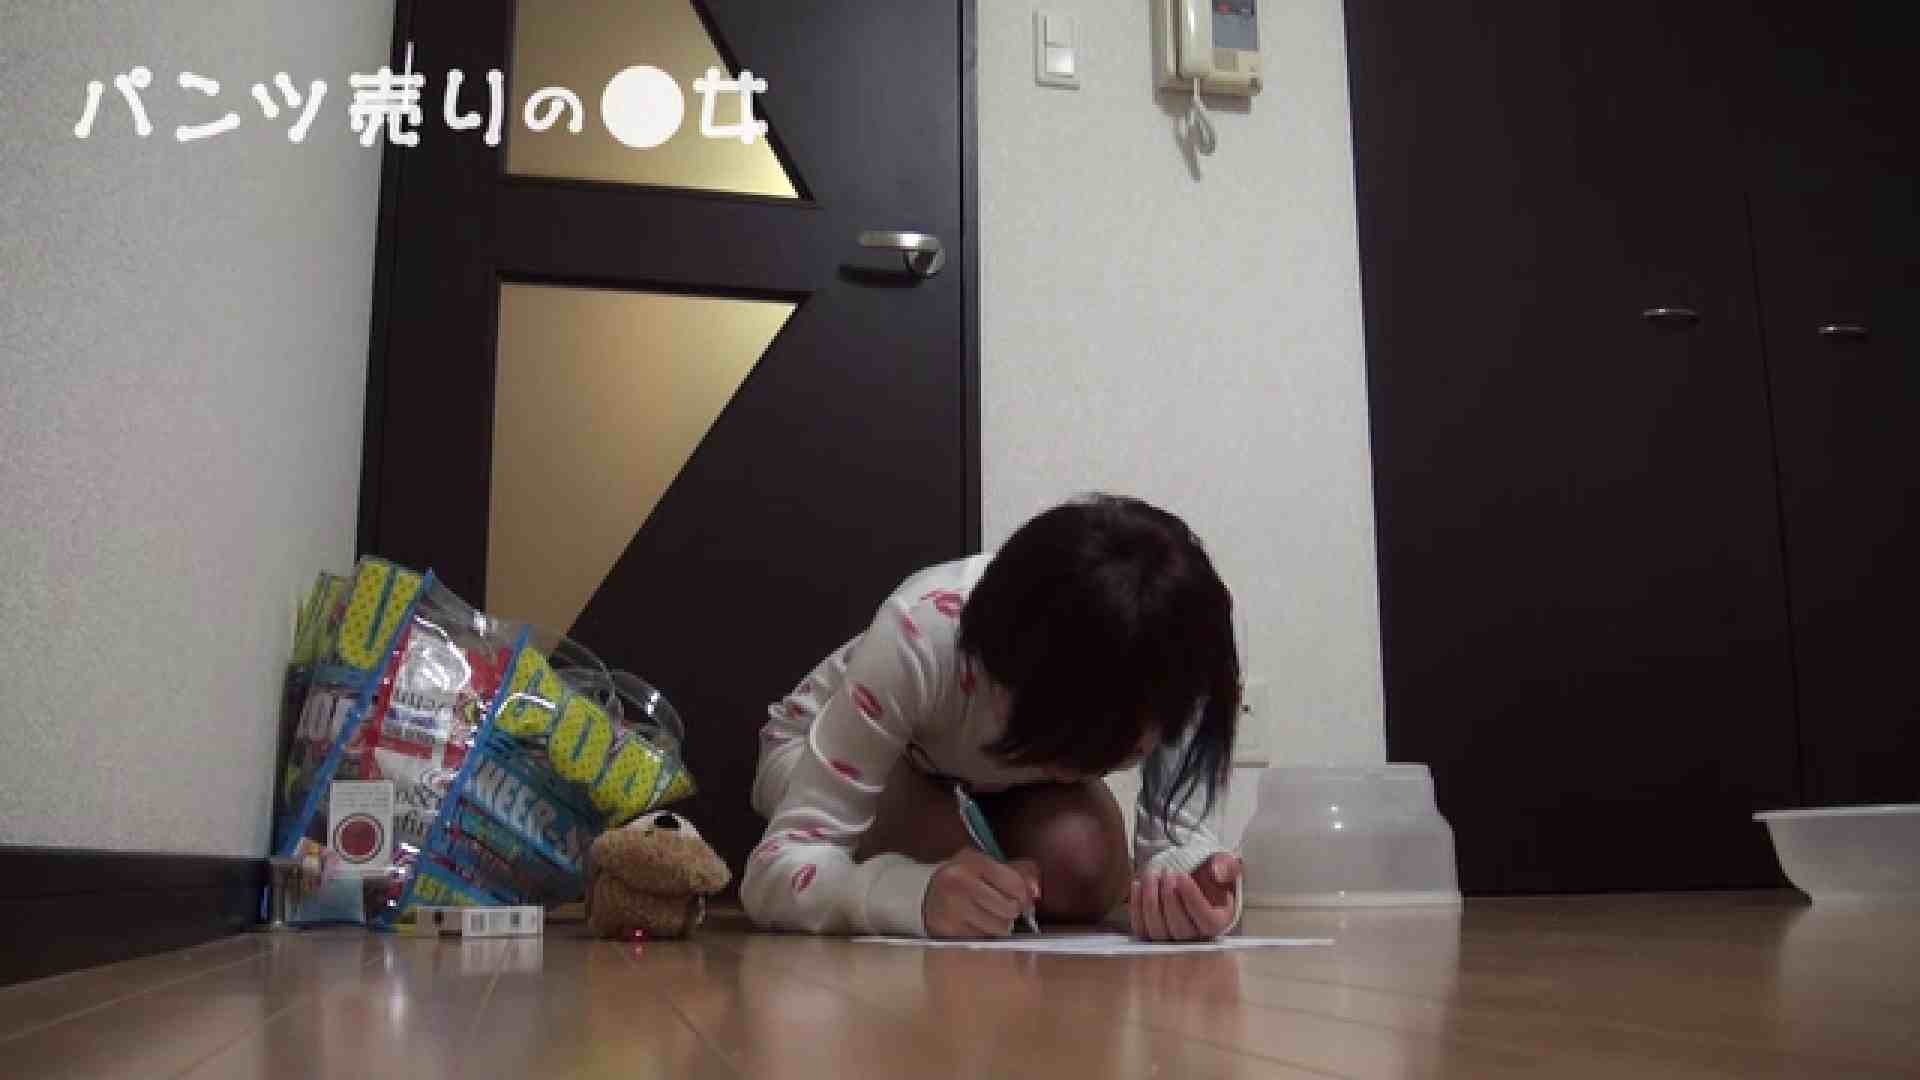 新説 パンツ売りの女の子nana 一般投稿  41連発 5